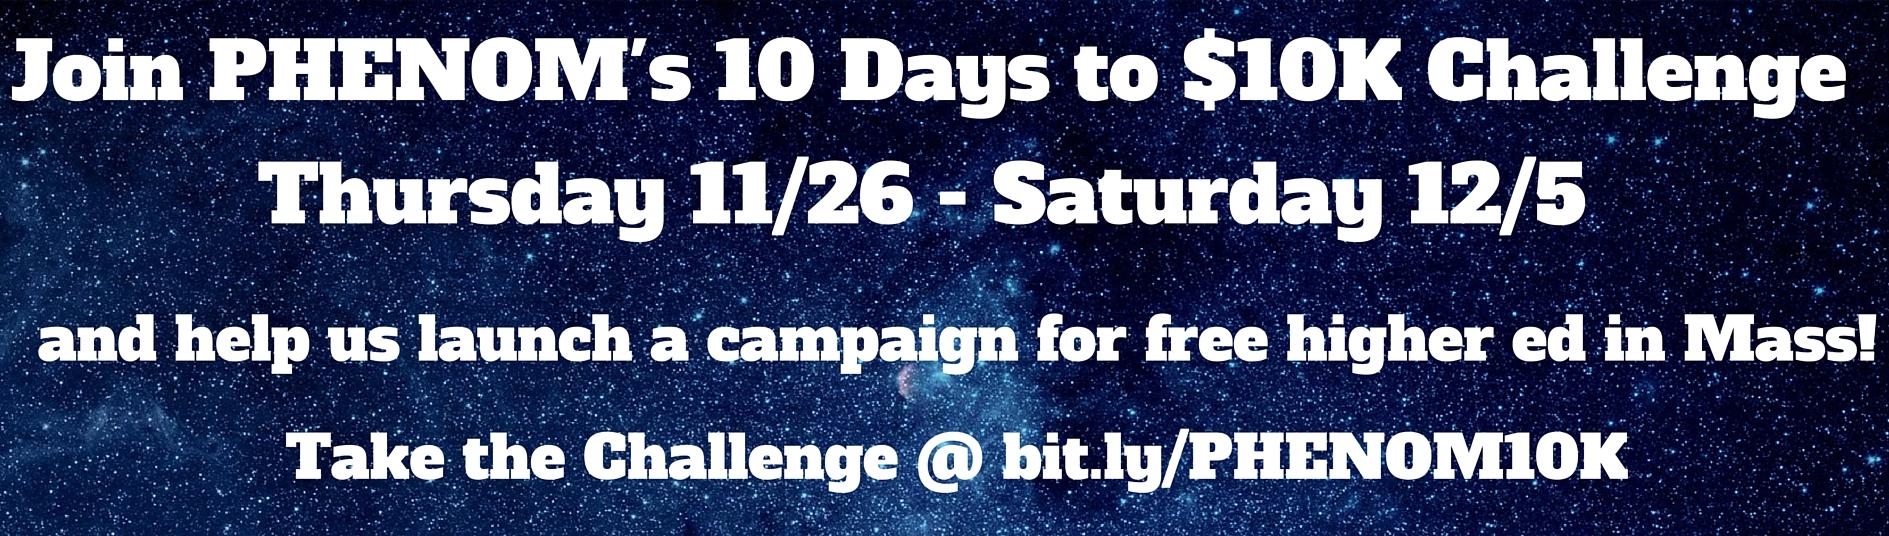 10 Days to $10K